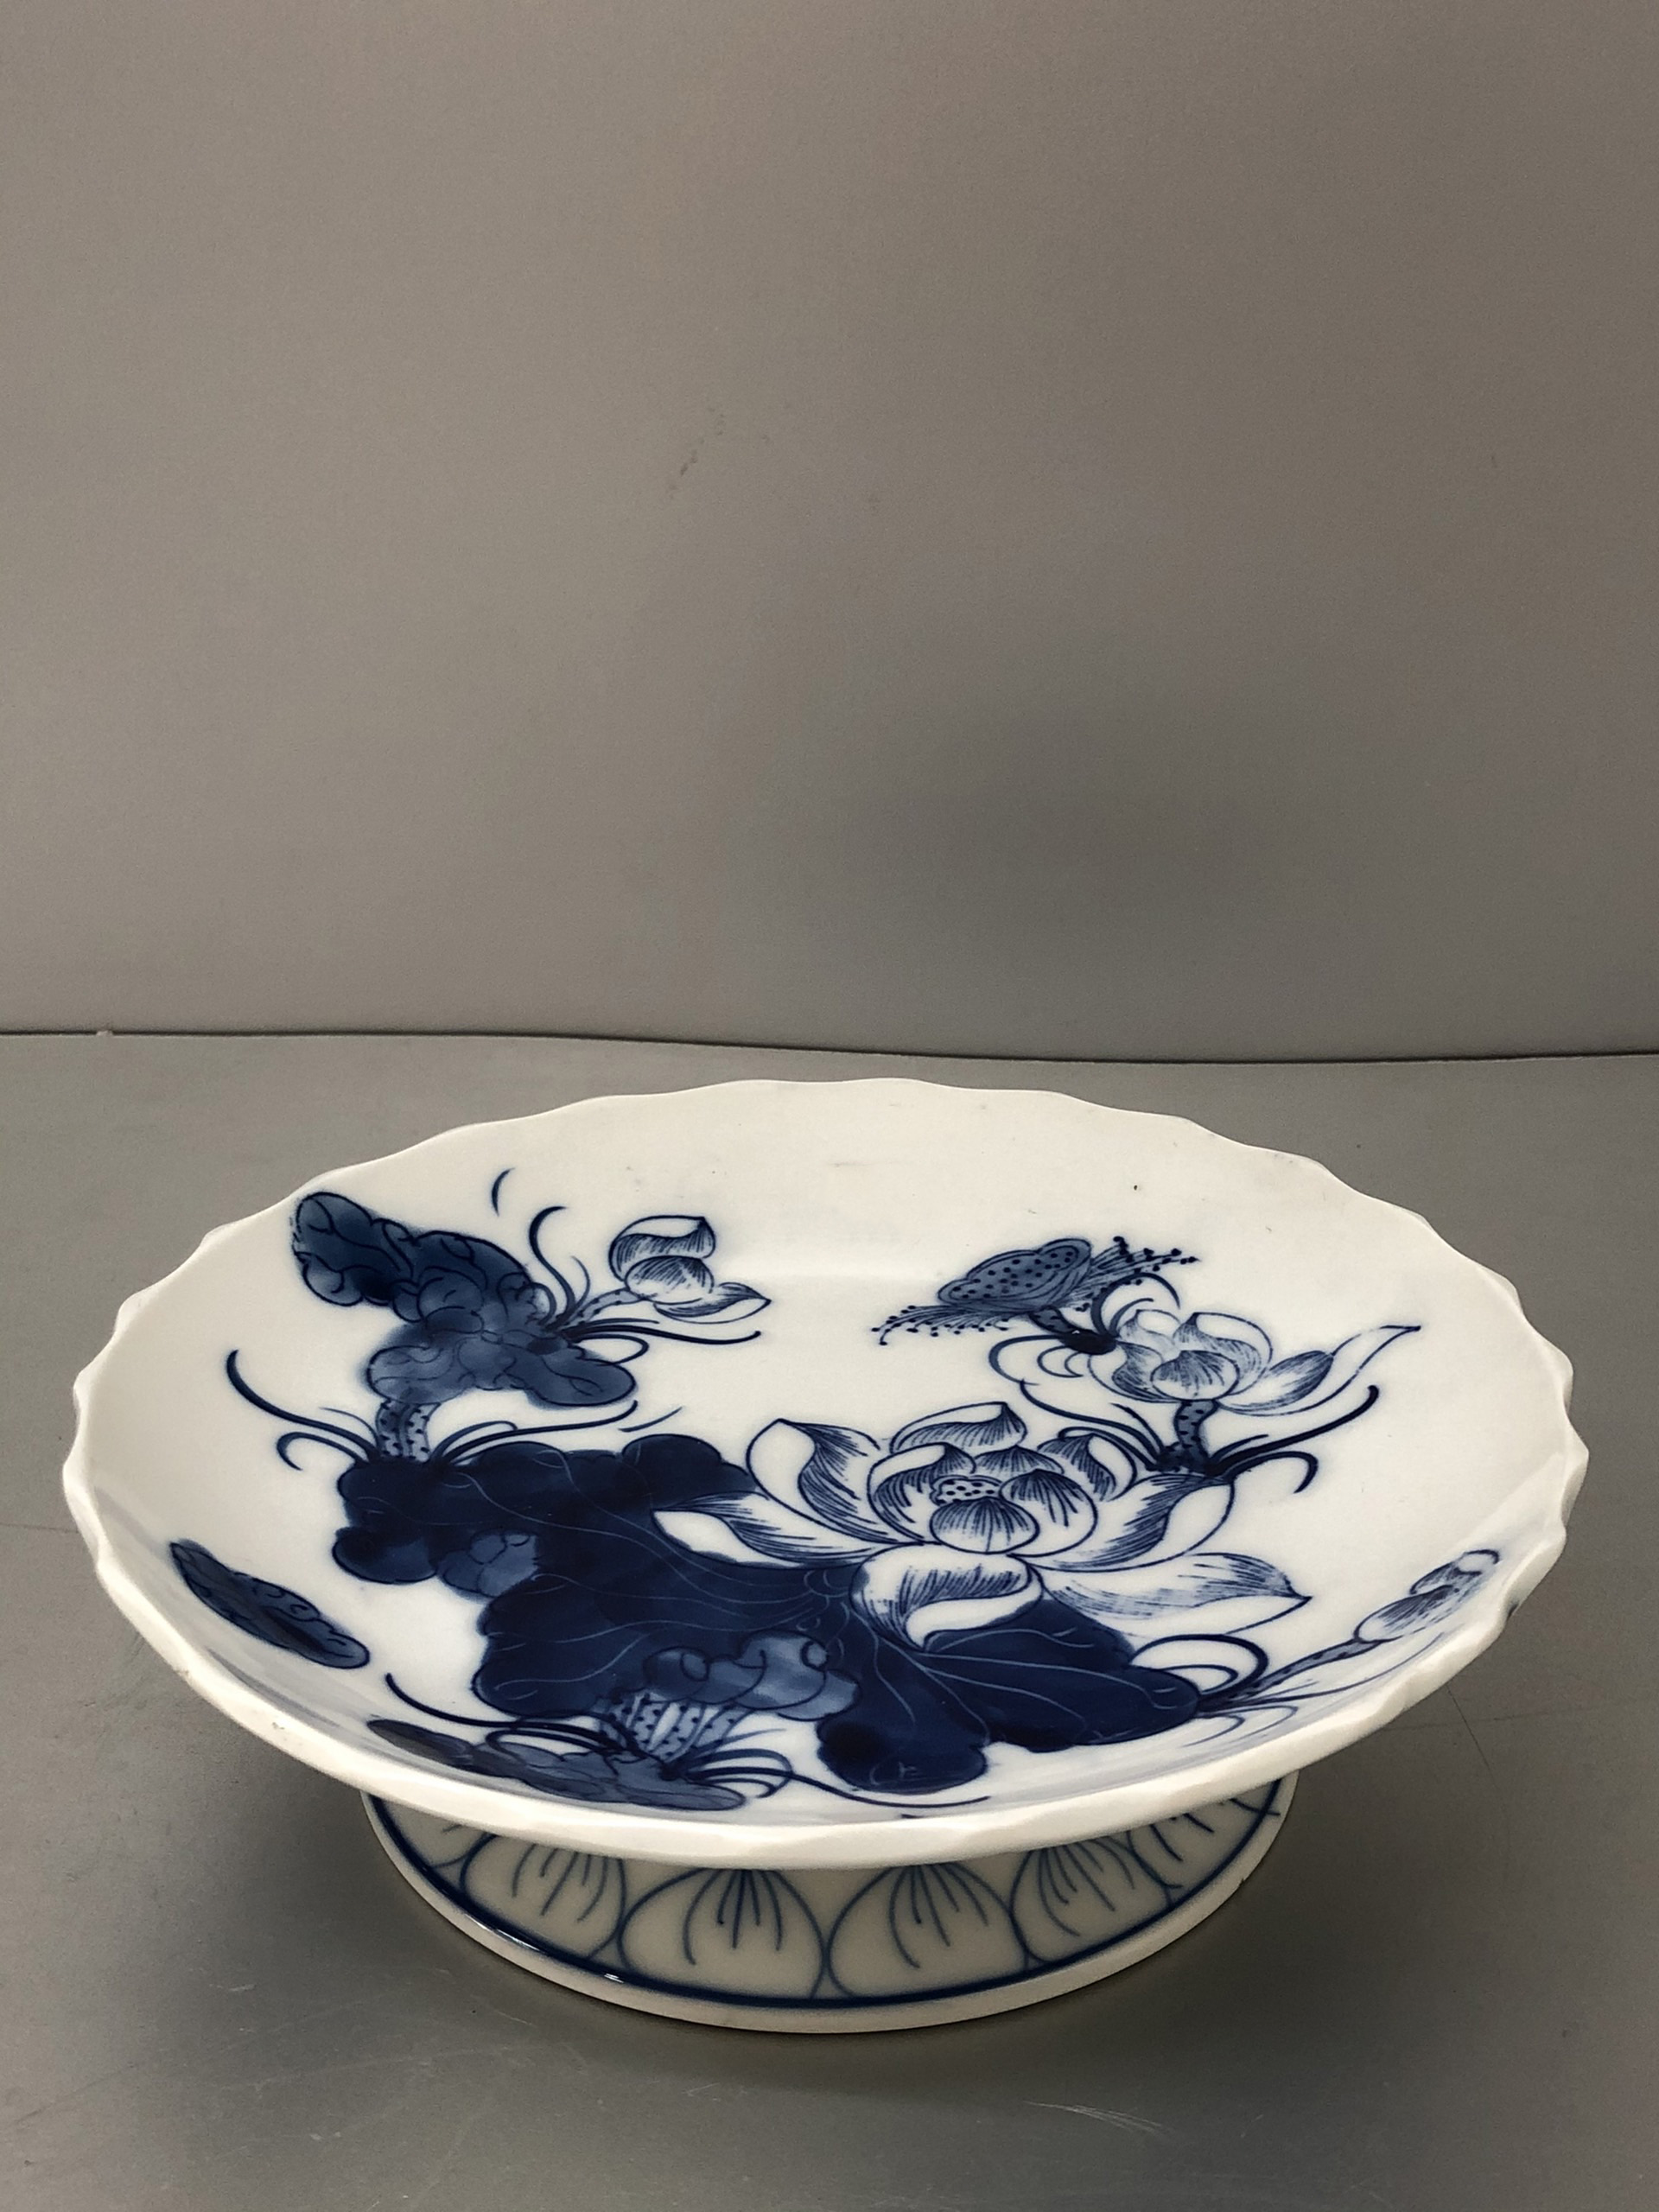 Đĩa đựng hoa quả thờ cúng bằng sứ men trắng, vẽ hoa sen nghệ thuật (nhiều kích cỡ)